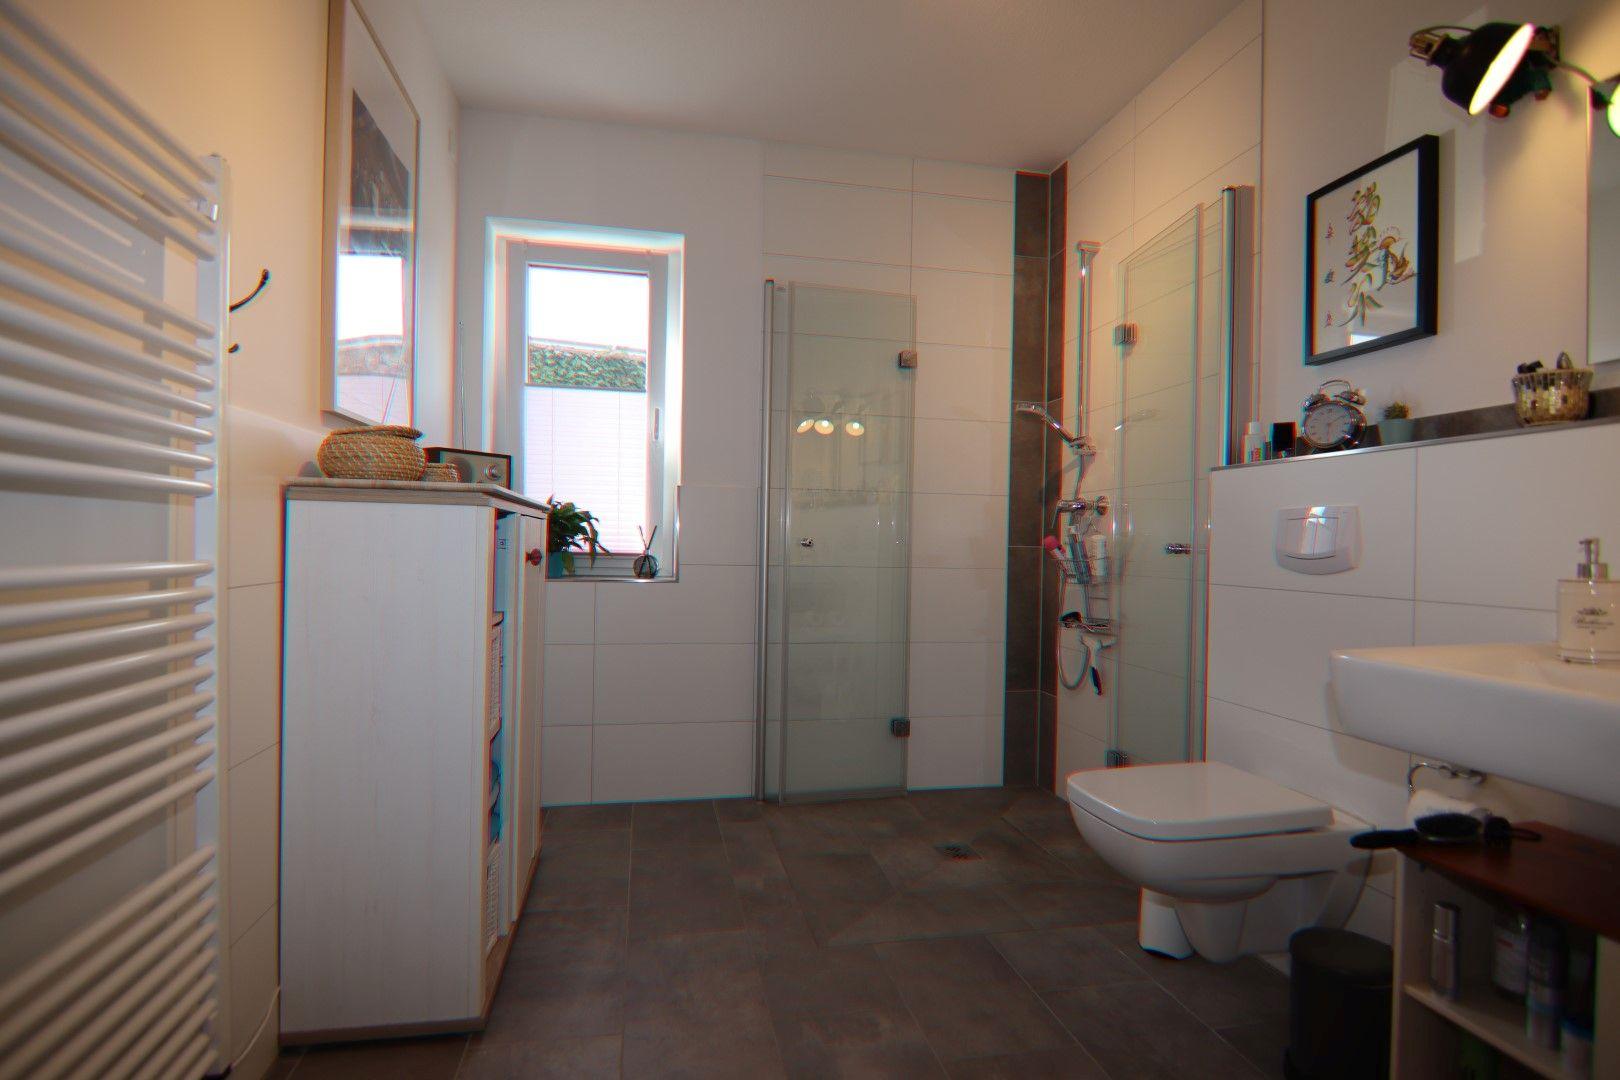 Immobilie Nr.0266 - 2-Raum-Erdgeschoss-Wohnung im Neubau mit hochwertiger Ausstattung - Bild 12.jpg